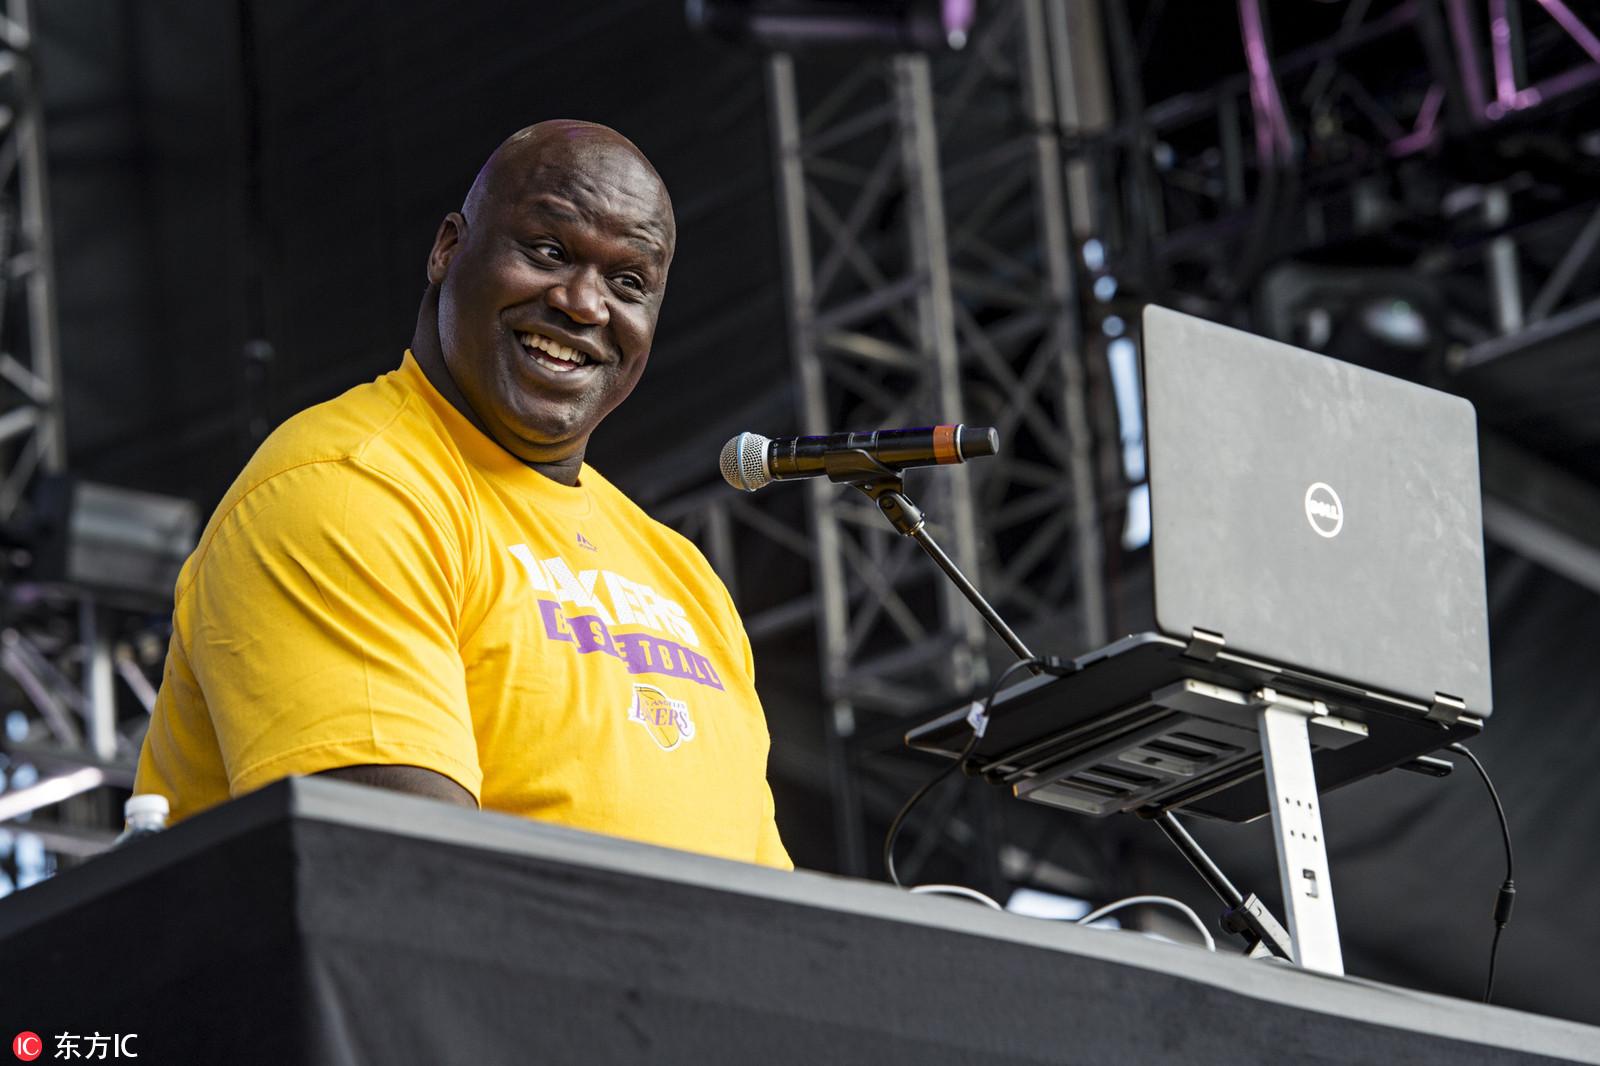 高清:多才多艺的胖子!奥尼尔变DJ秀翻全场